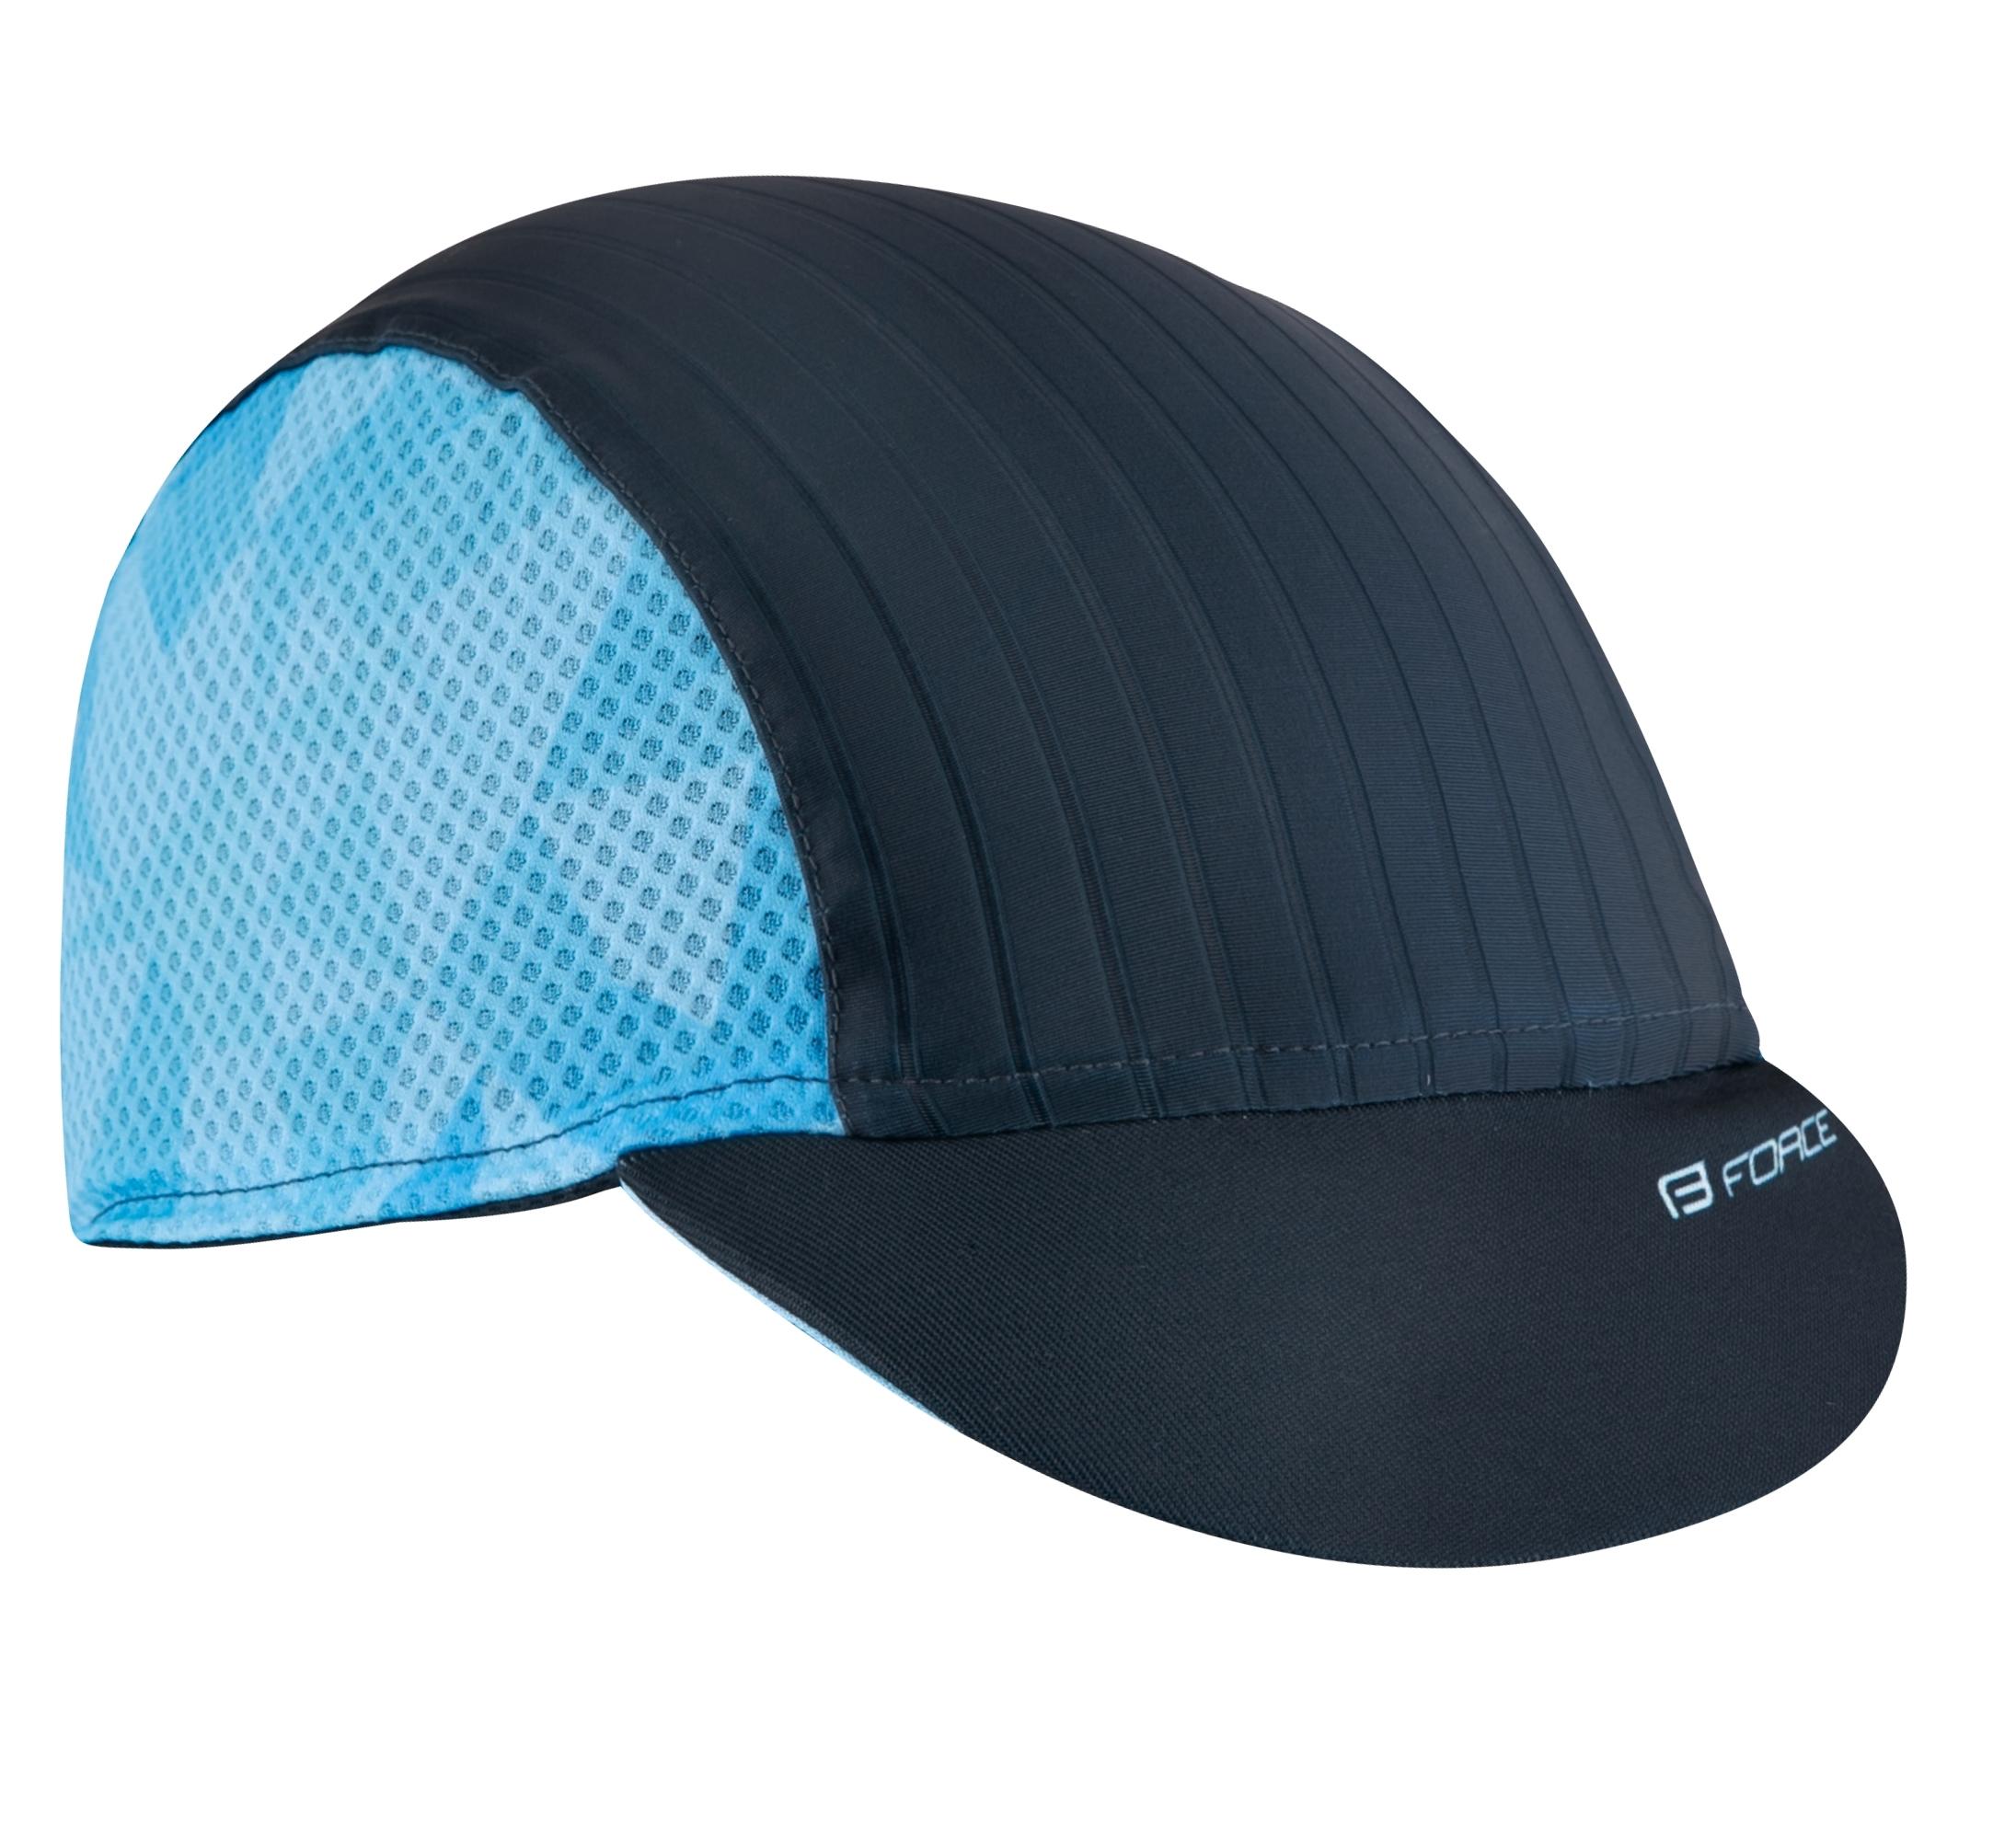 čepička s kšiltem FORCE CORE letní,črn-modrá S-M